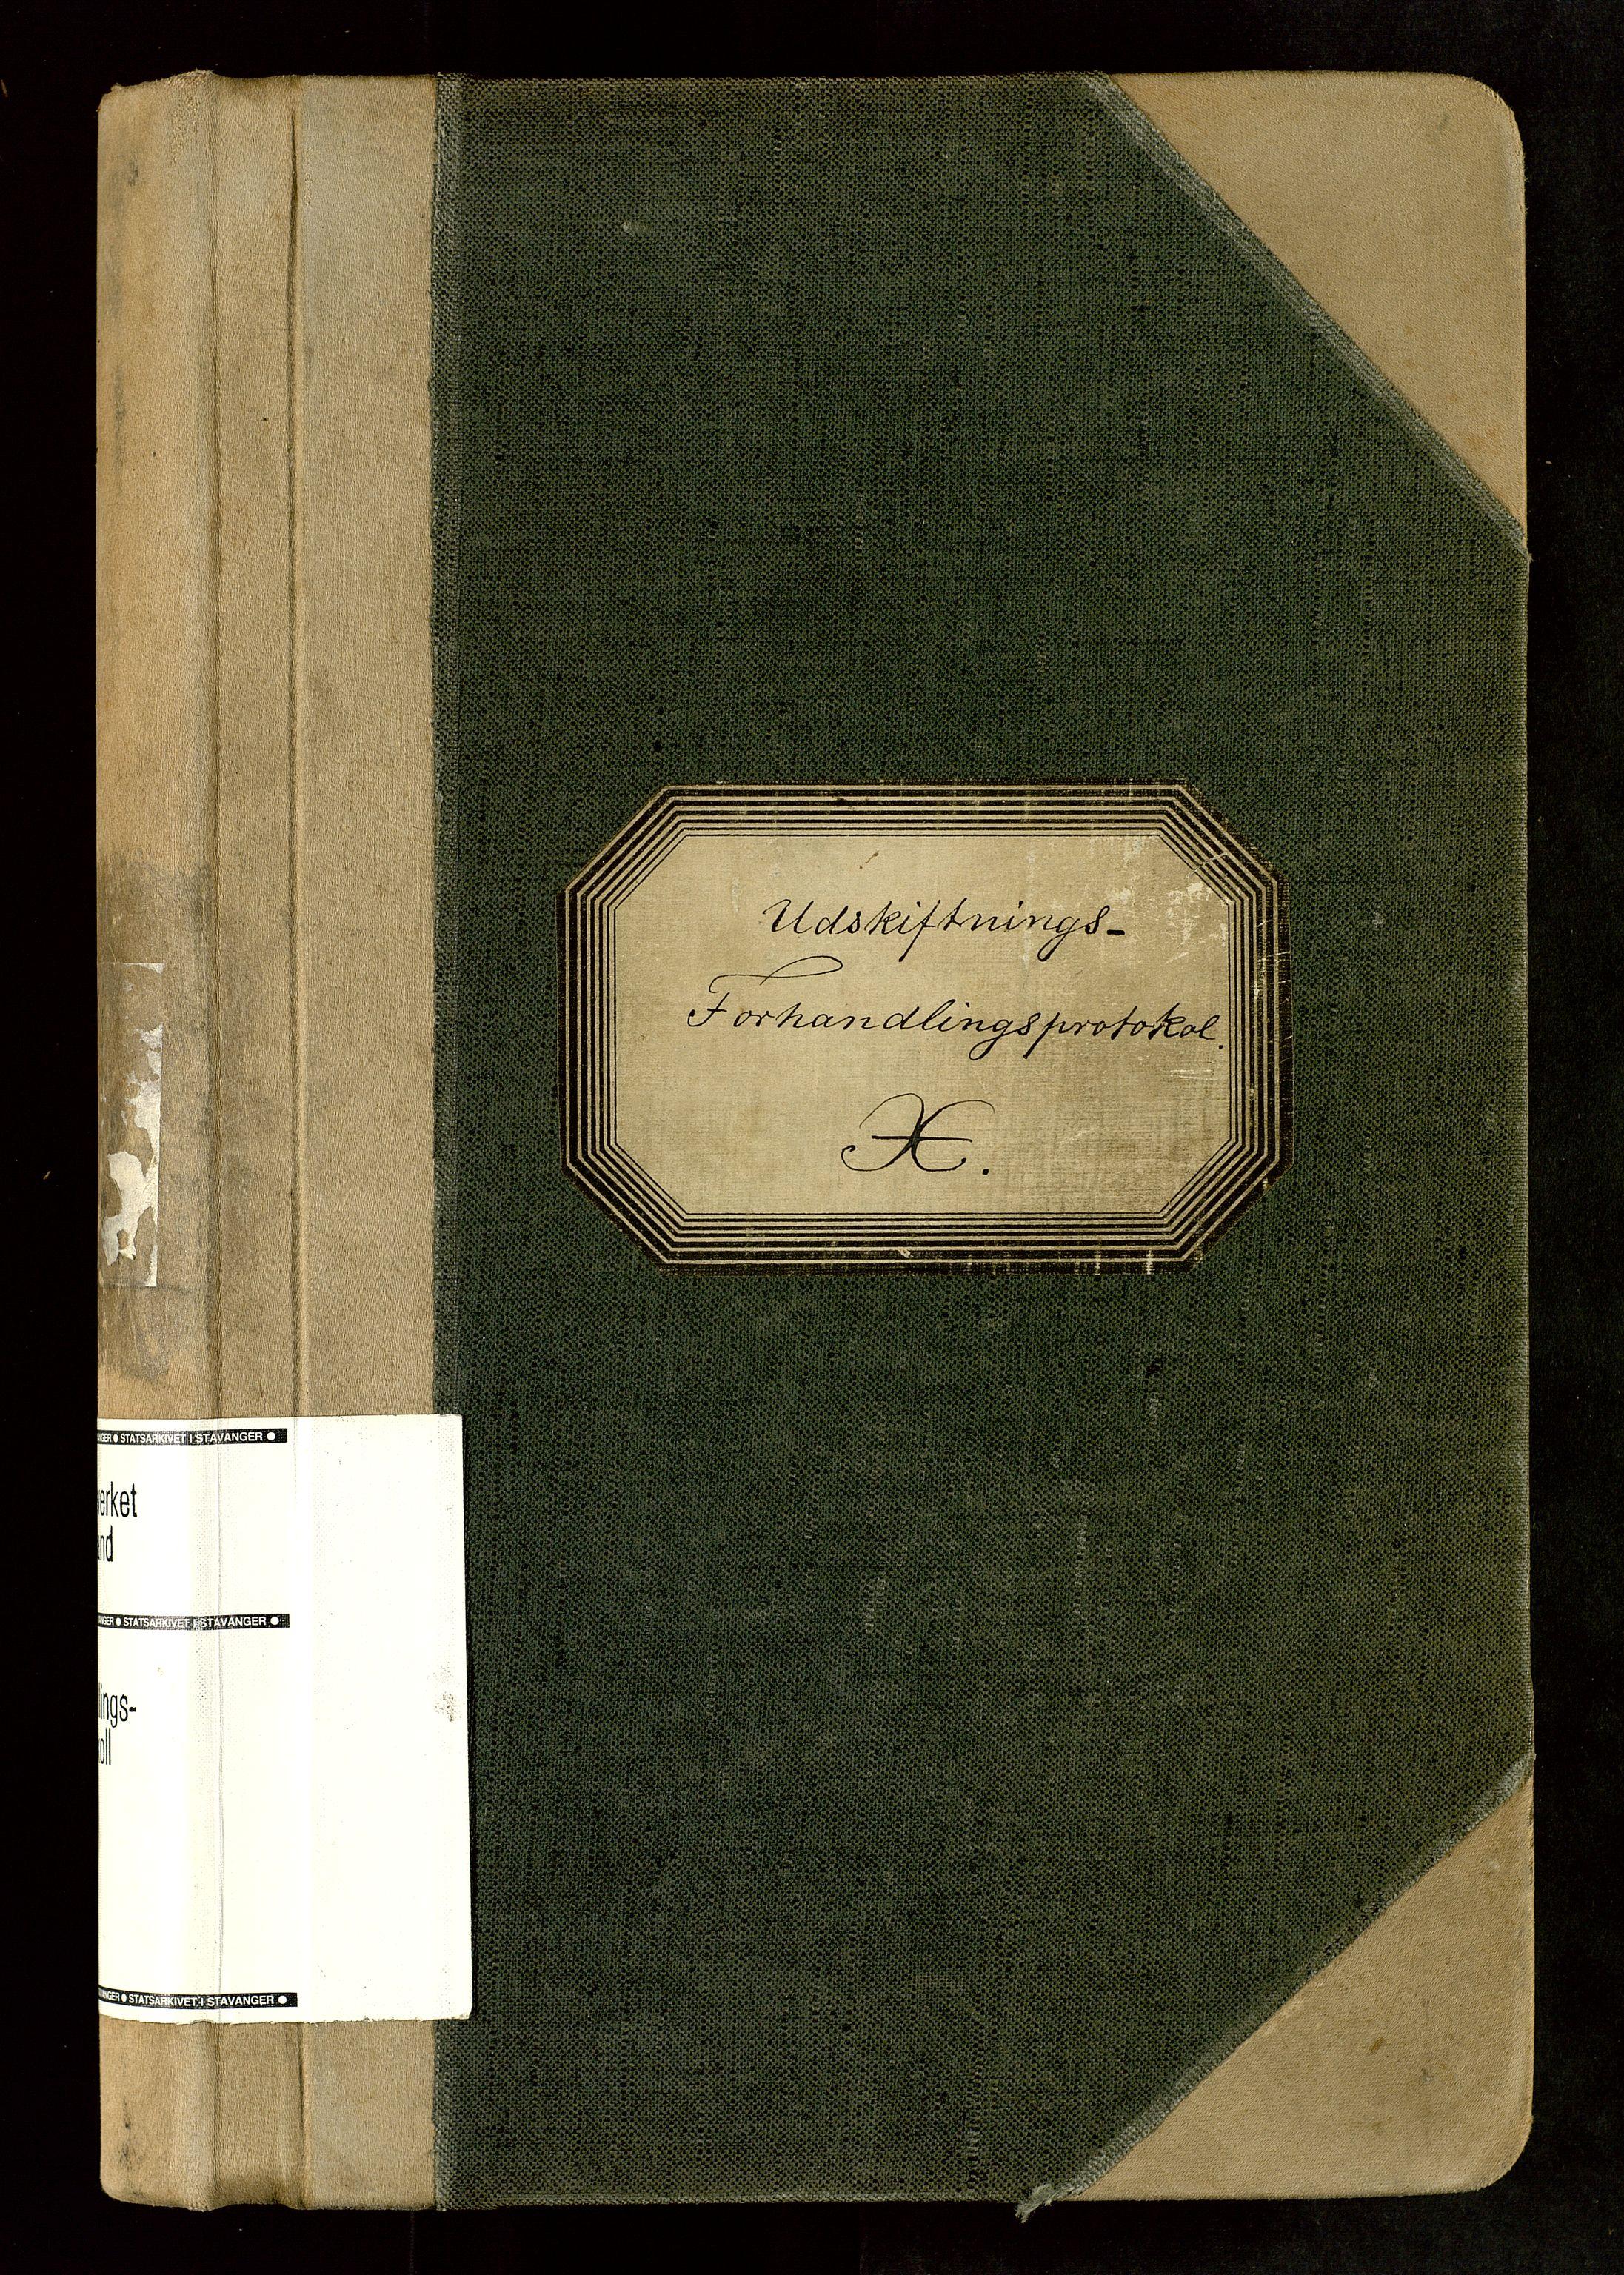 SAST, Rogaland jordskifterett, Oa/L0063: Forhandlingsprotokoll, 1905-1908